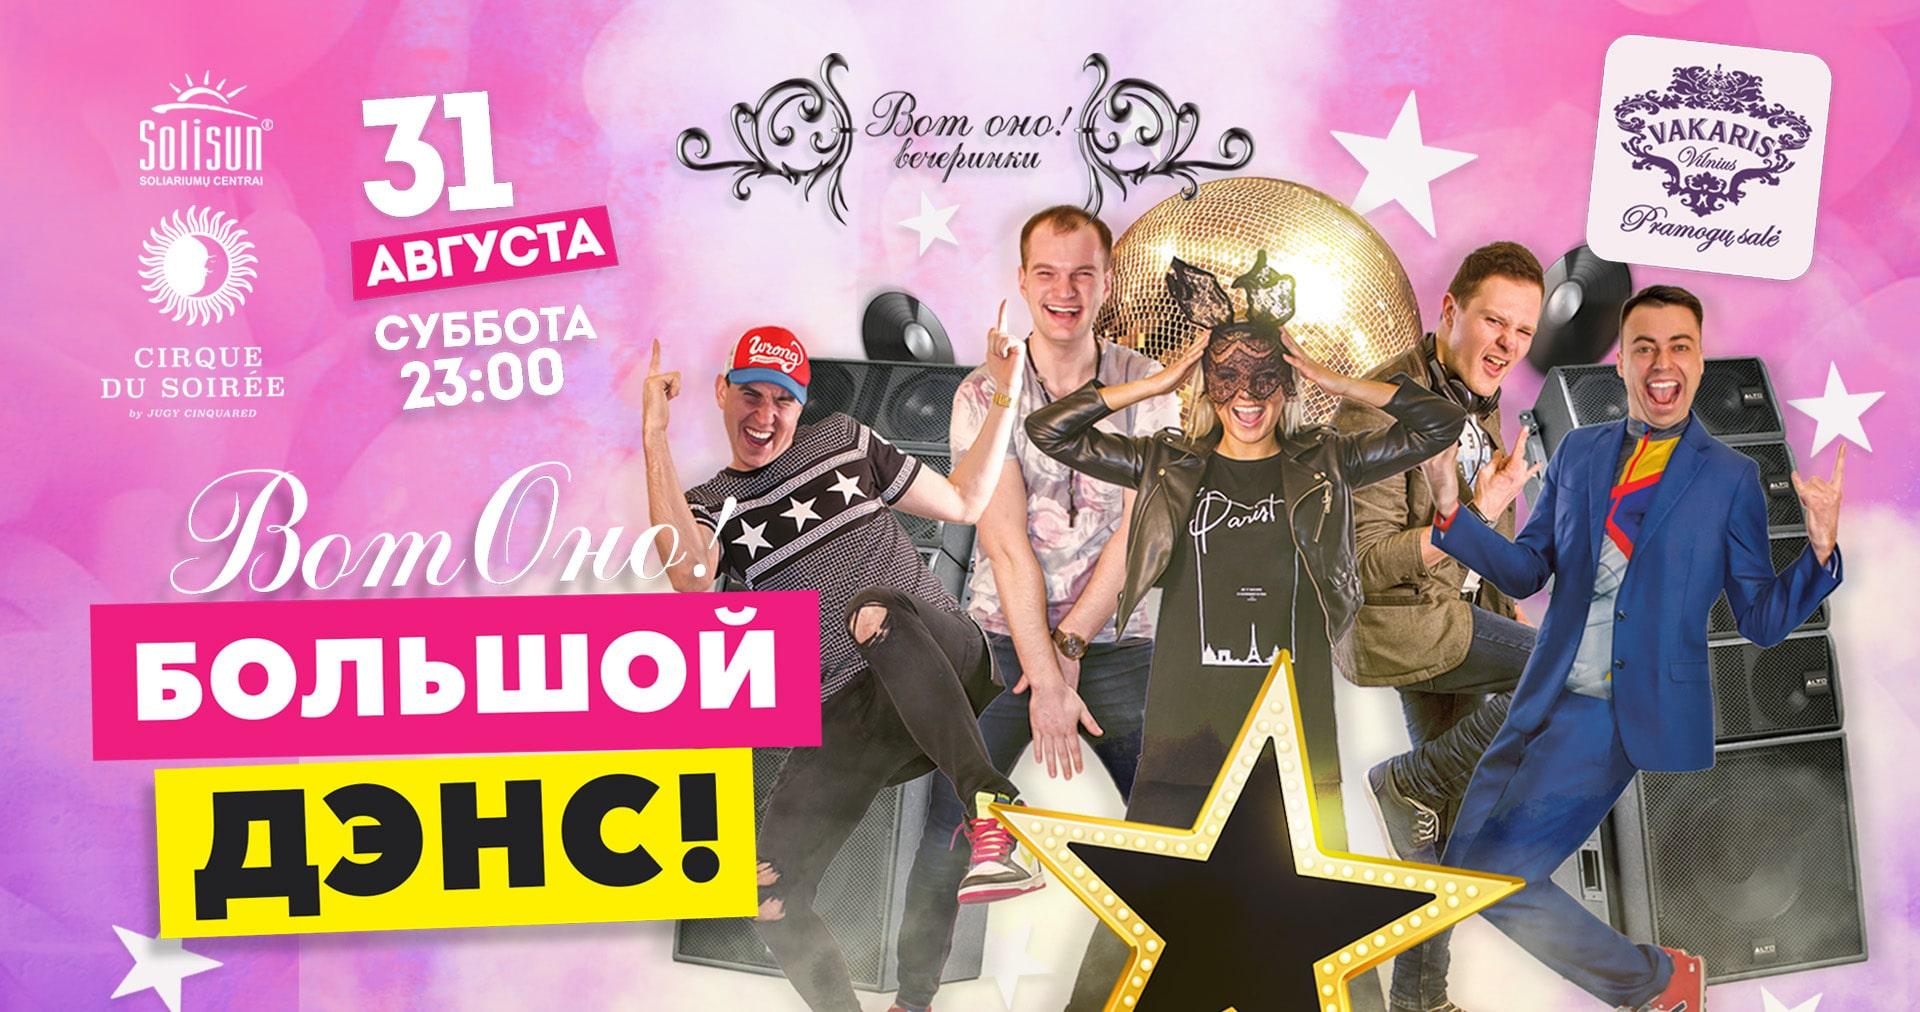 ВотОно – Большой дэнс!